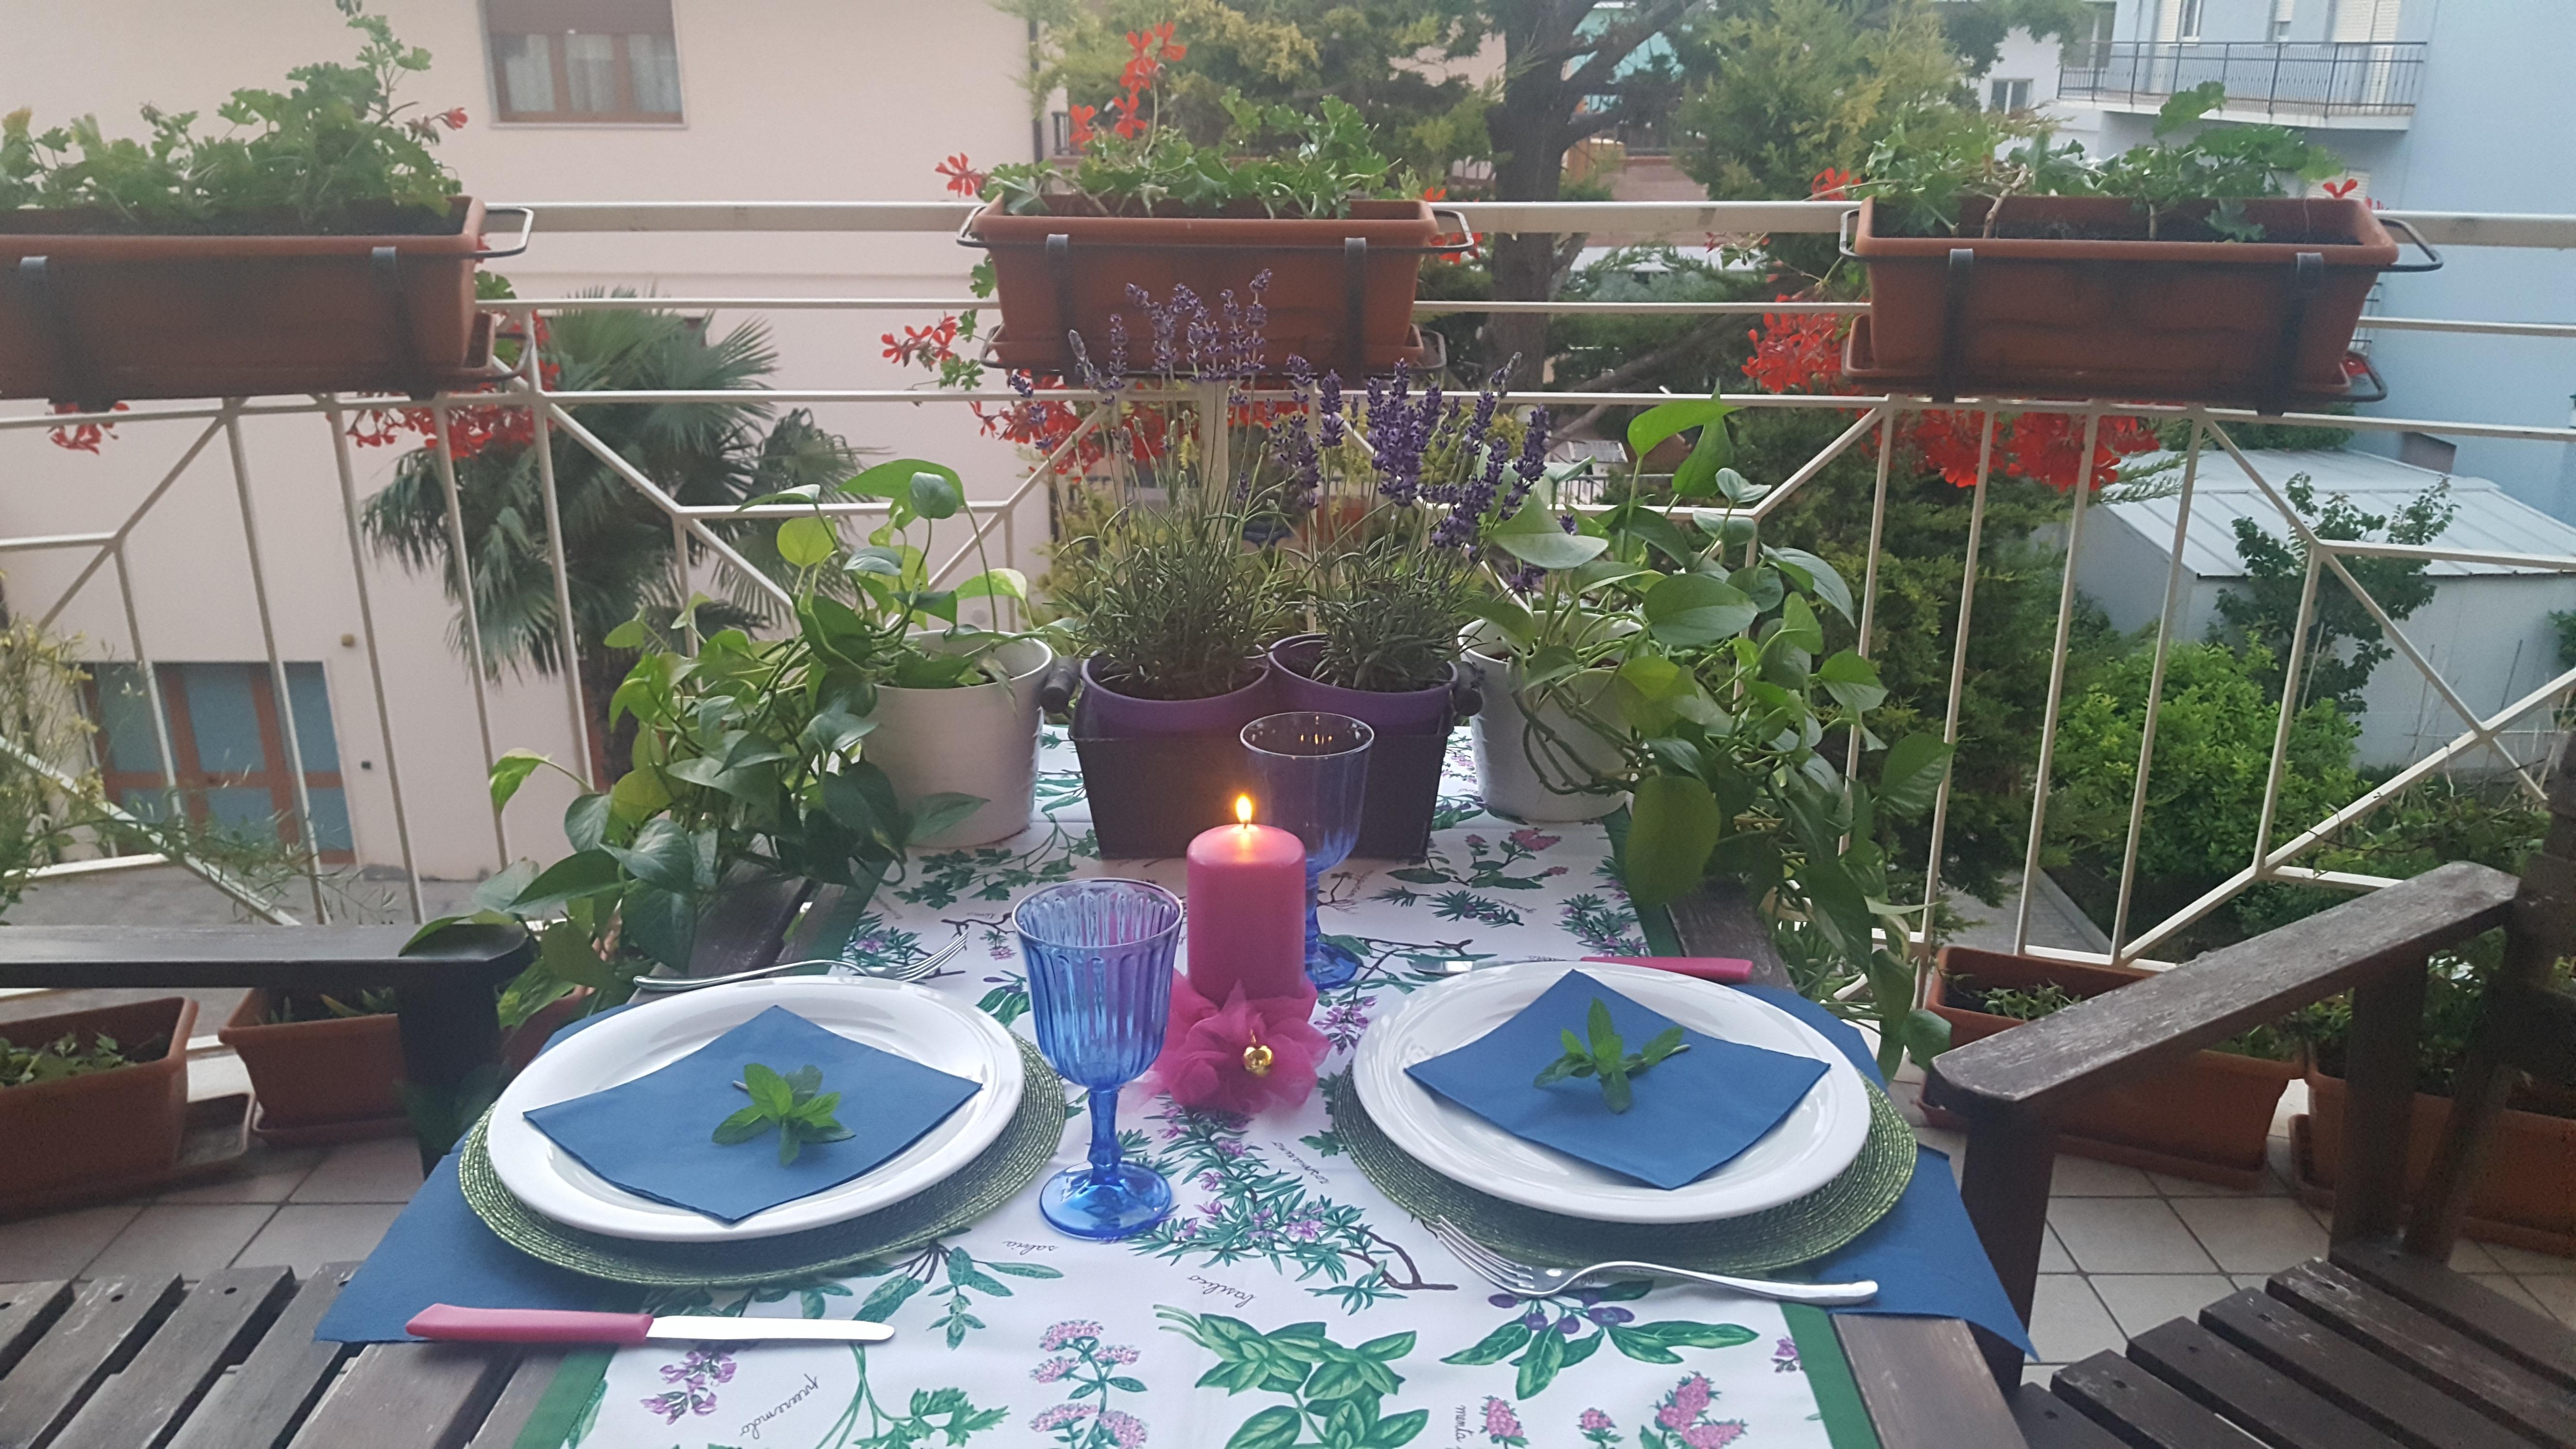 Cena in terrazza: candele e piante aromatiche | La Tavola di Edda